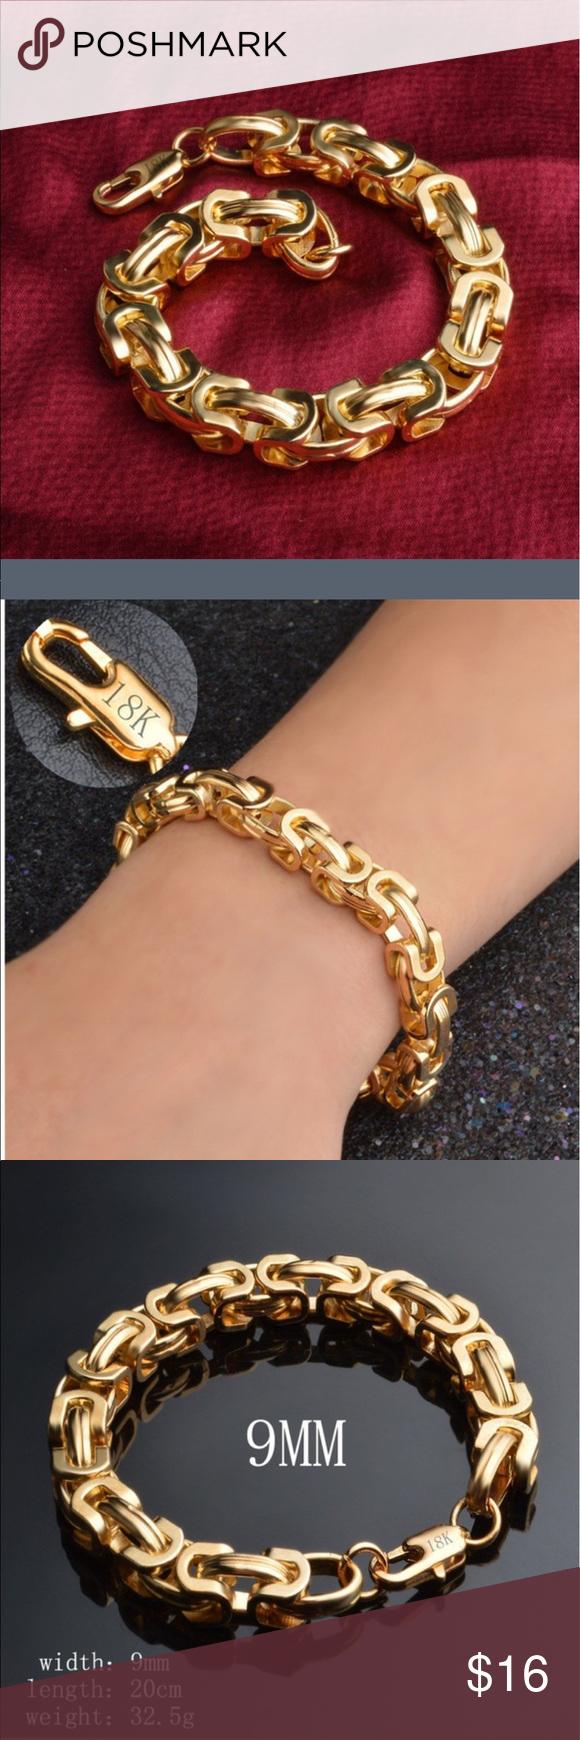 New bracelet k gold unisex and jewelry bracelets